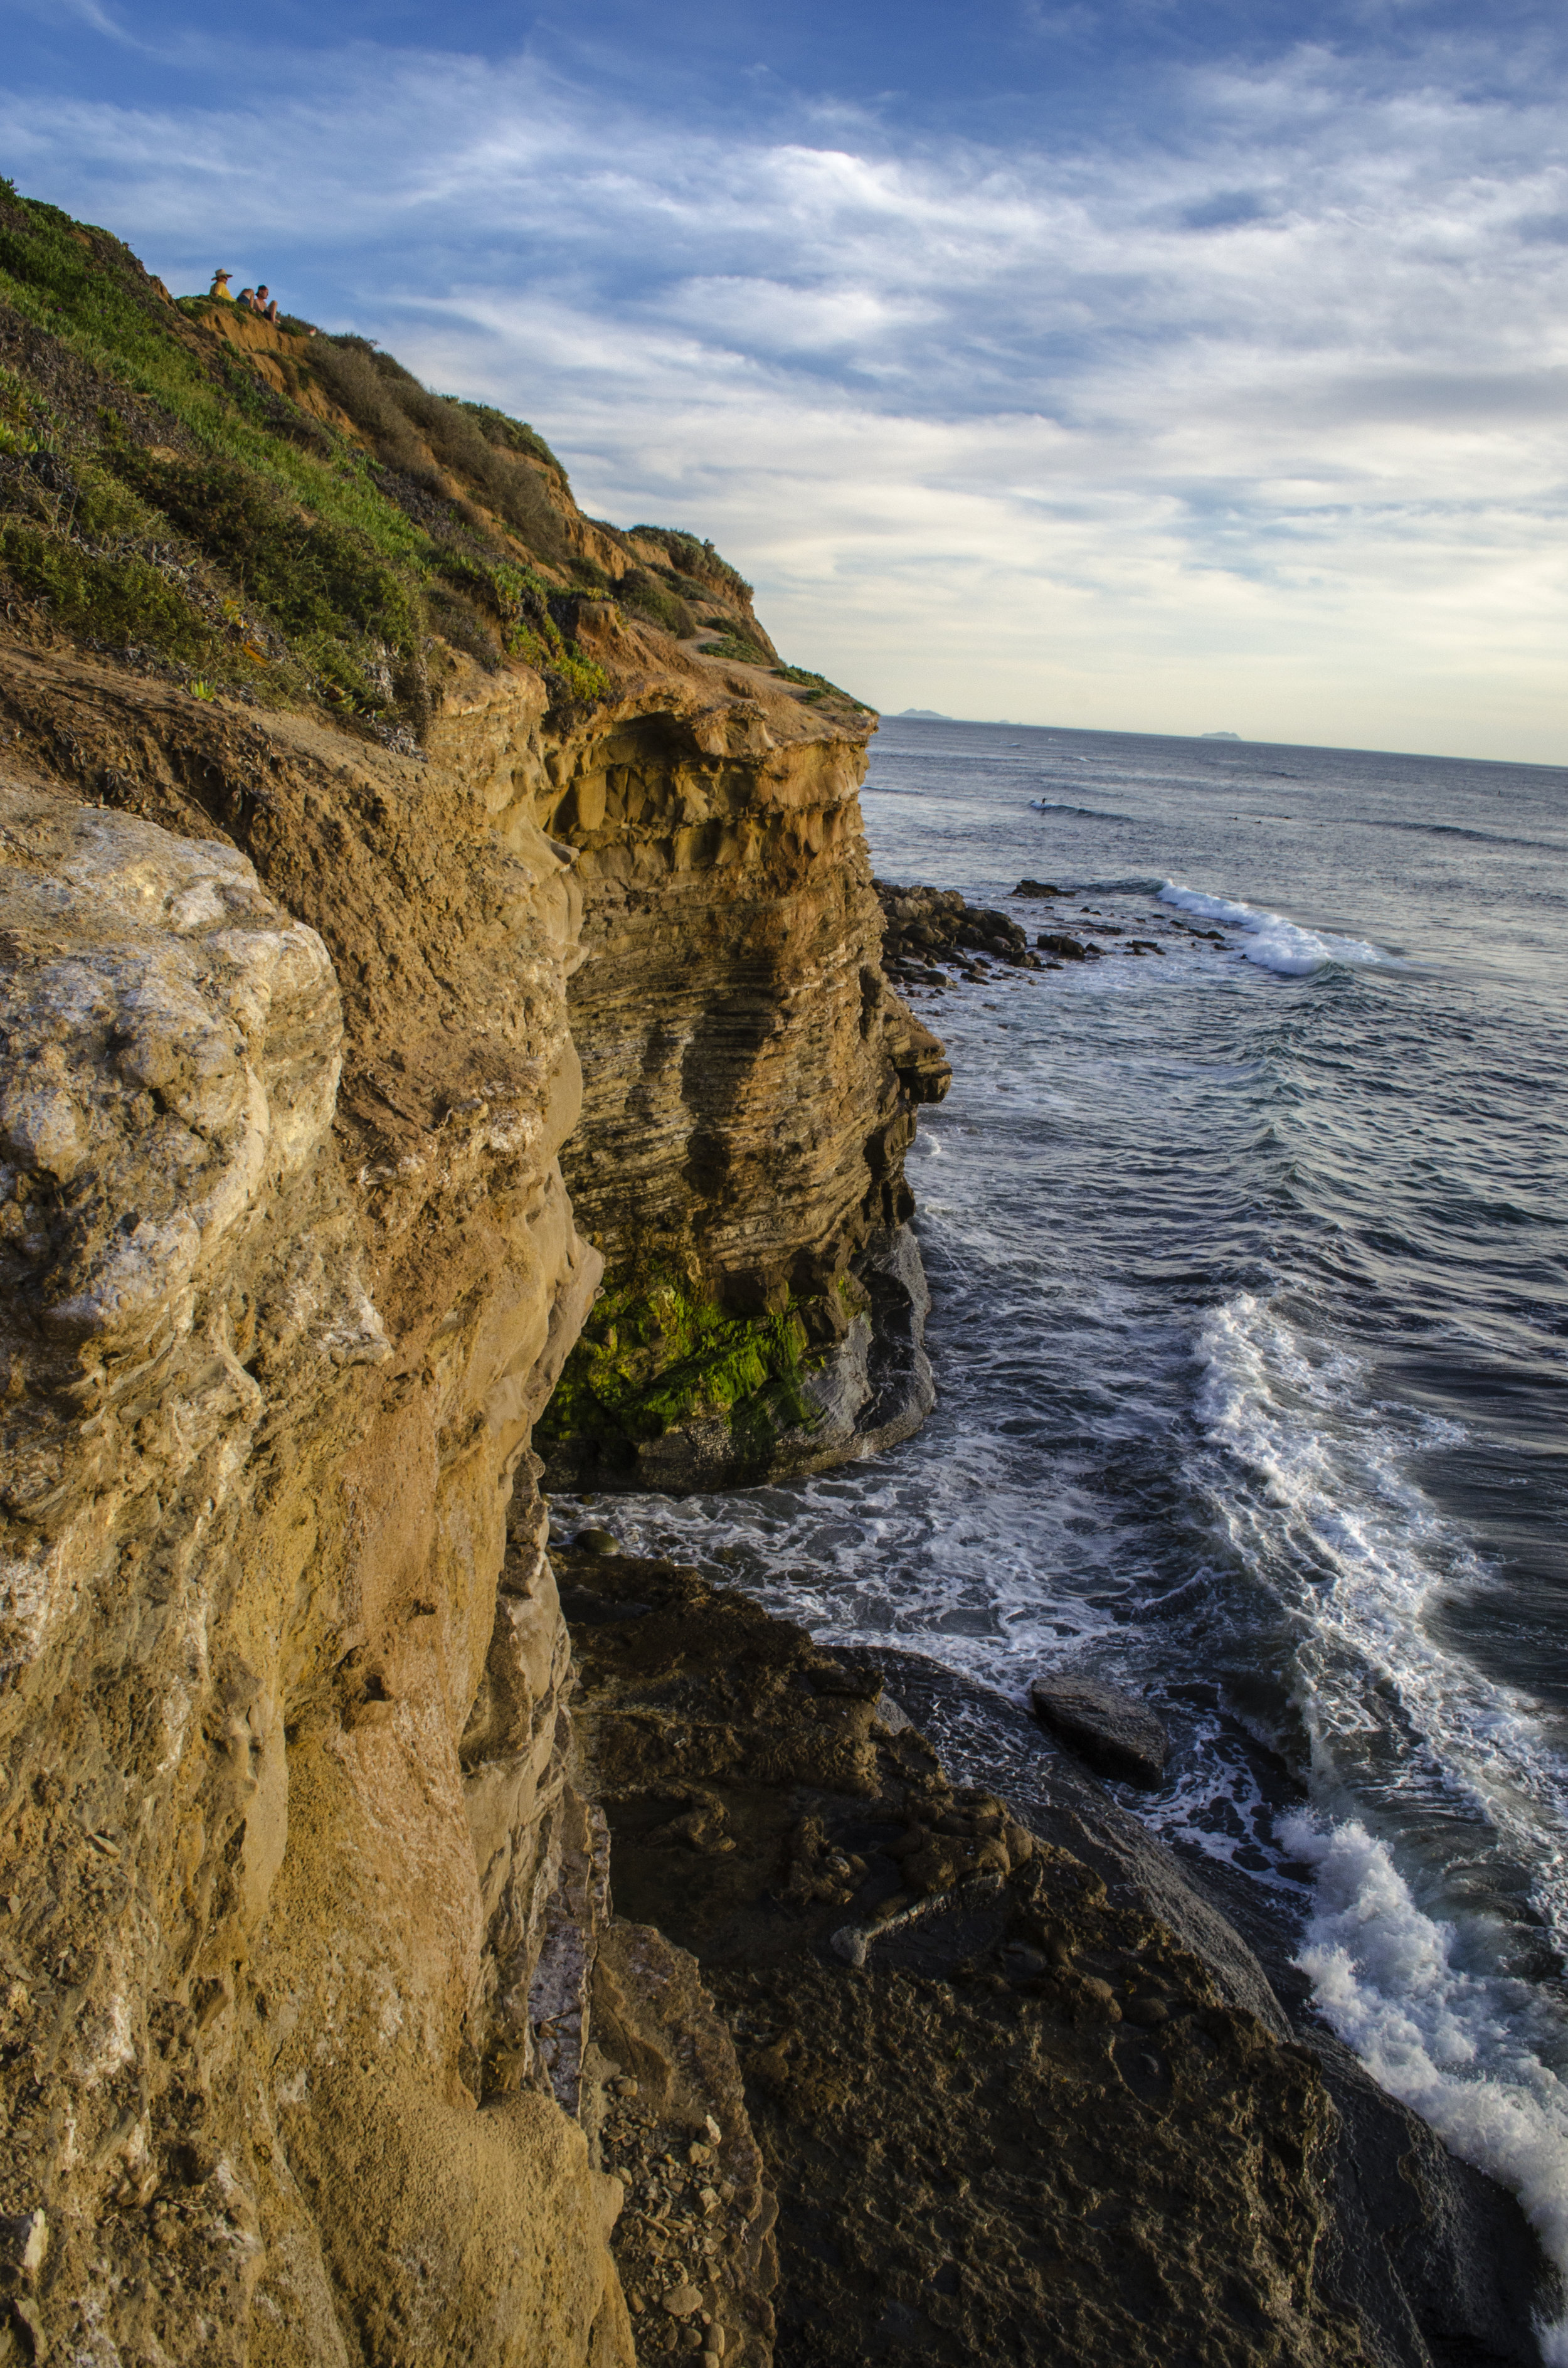 sunset-cliffs_16874798712_o.jpg